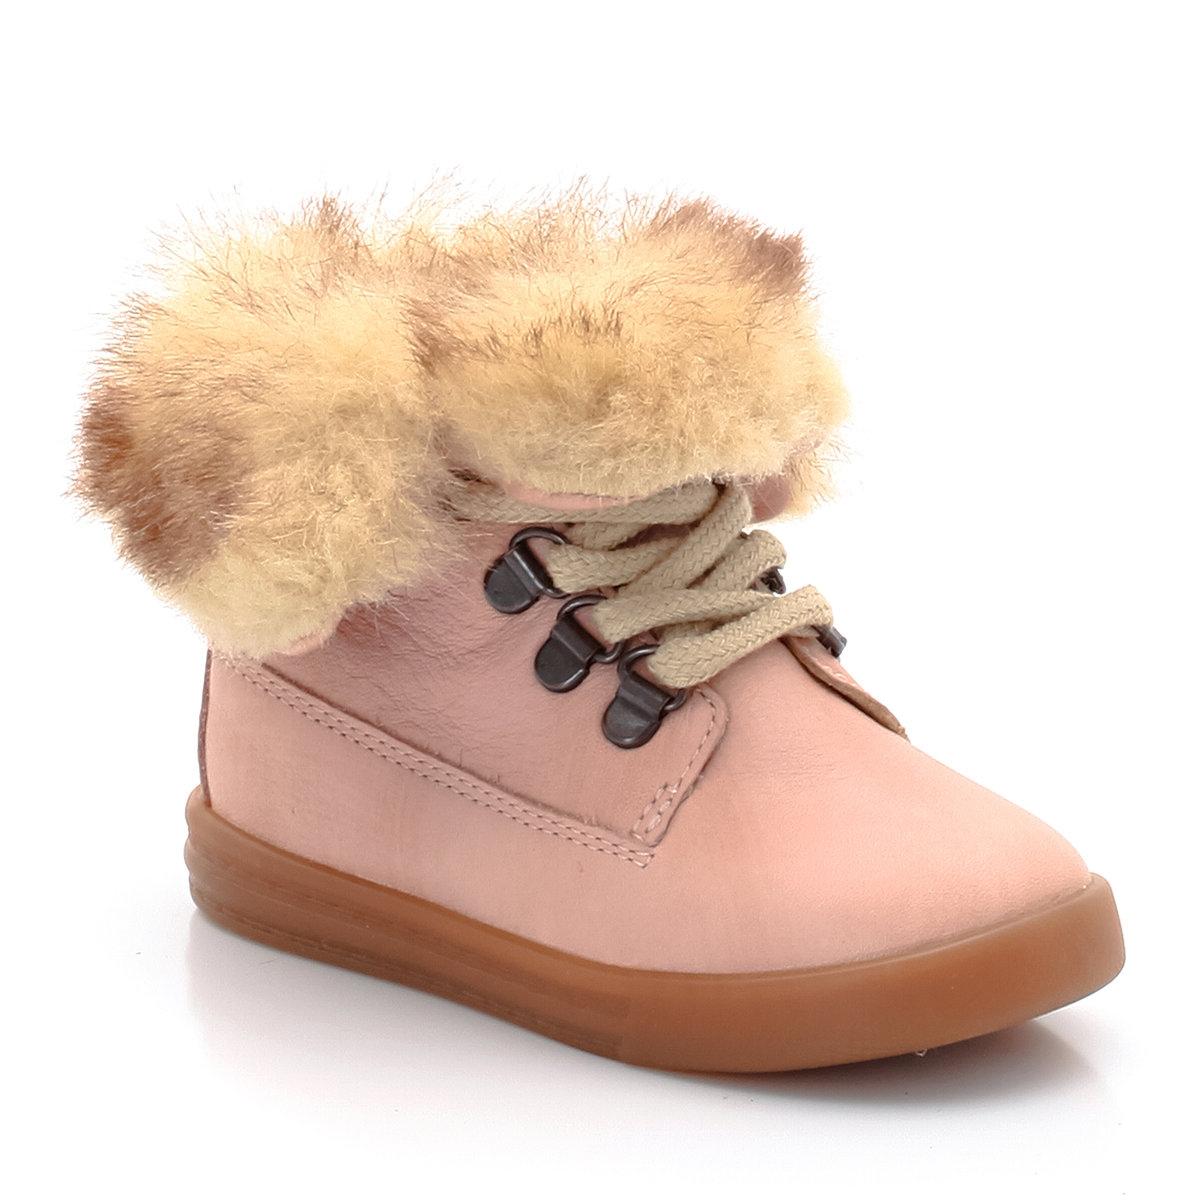 Ботинки из кожи, с отворотами из искусственного мехаНевероятно красивые и уютные кожаные ботинки R Baby с отворотами из искусственного меха для прогулок с вашими дочками!<br><br>Цвет: розовый<br>Размер: 21.23